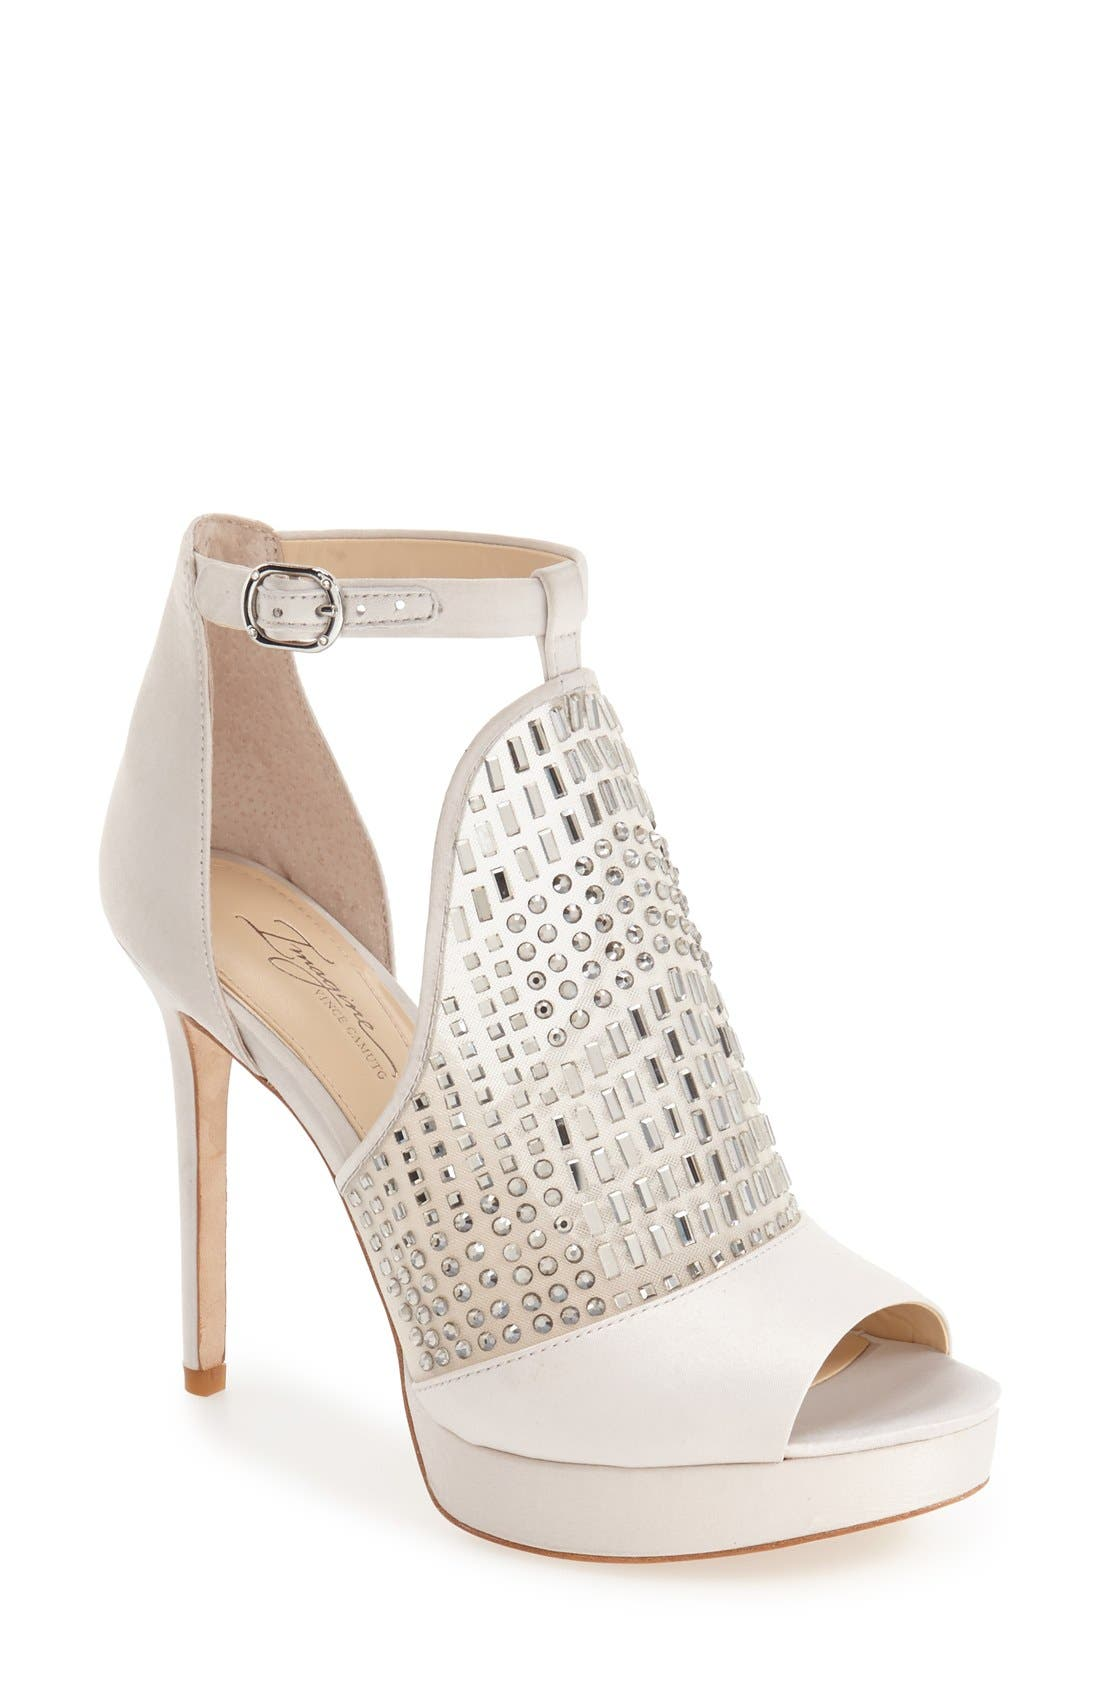 IMAGINE BY VINCE CAMUTO 'Keir' T-Strap Platform Sandal